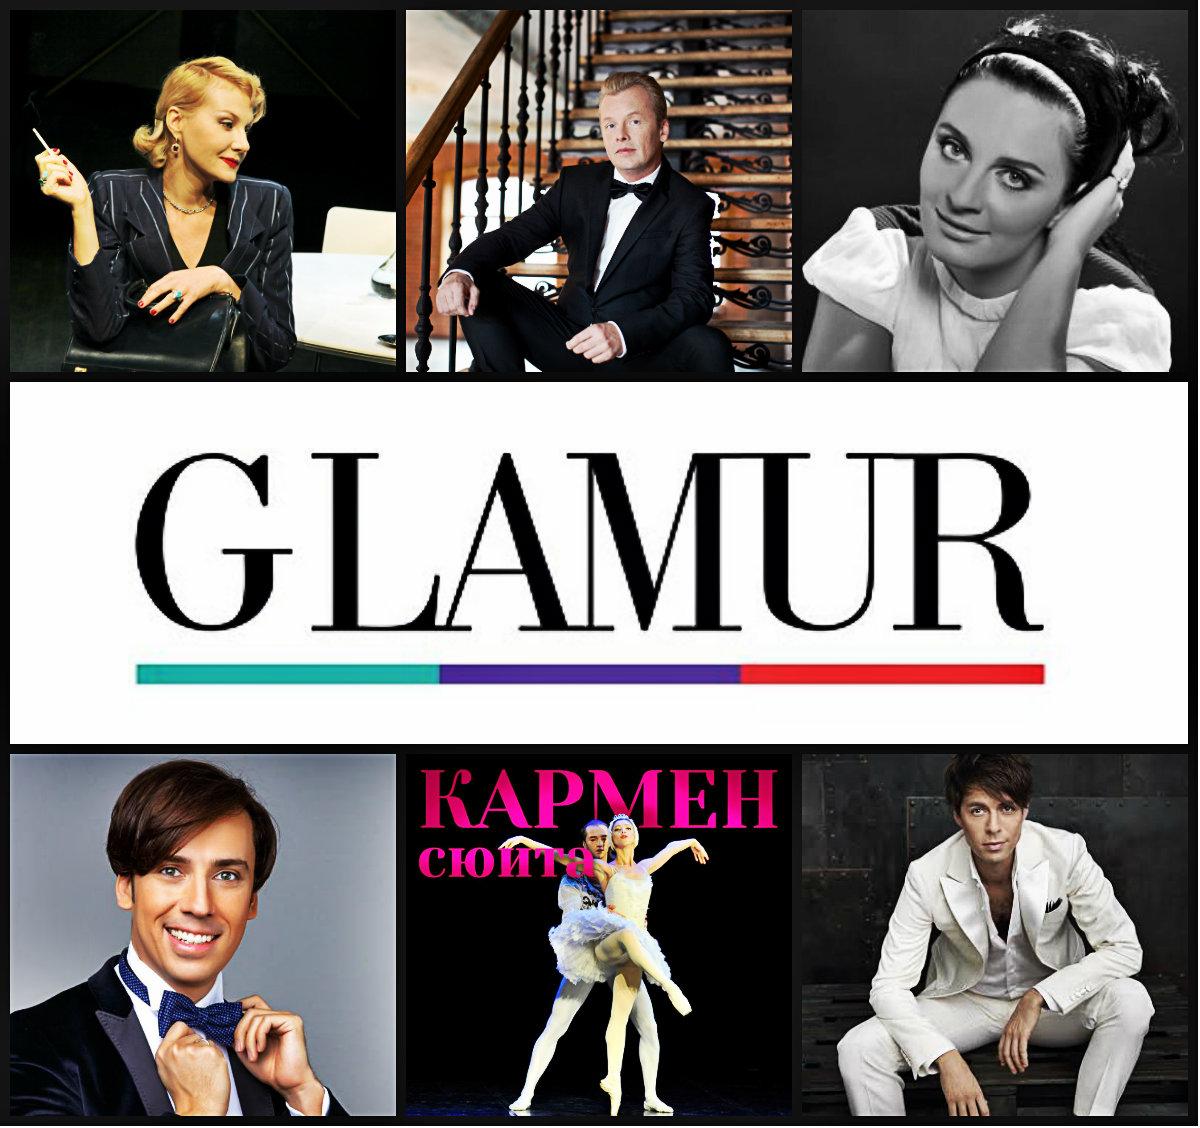 Как разнообразить свой досуг? Рекомендации сайта Glamur.co.il